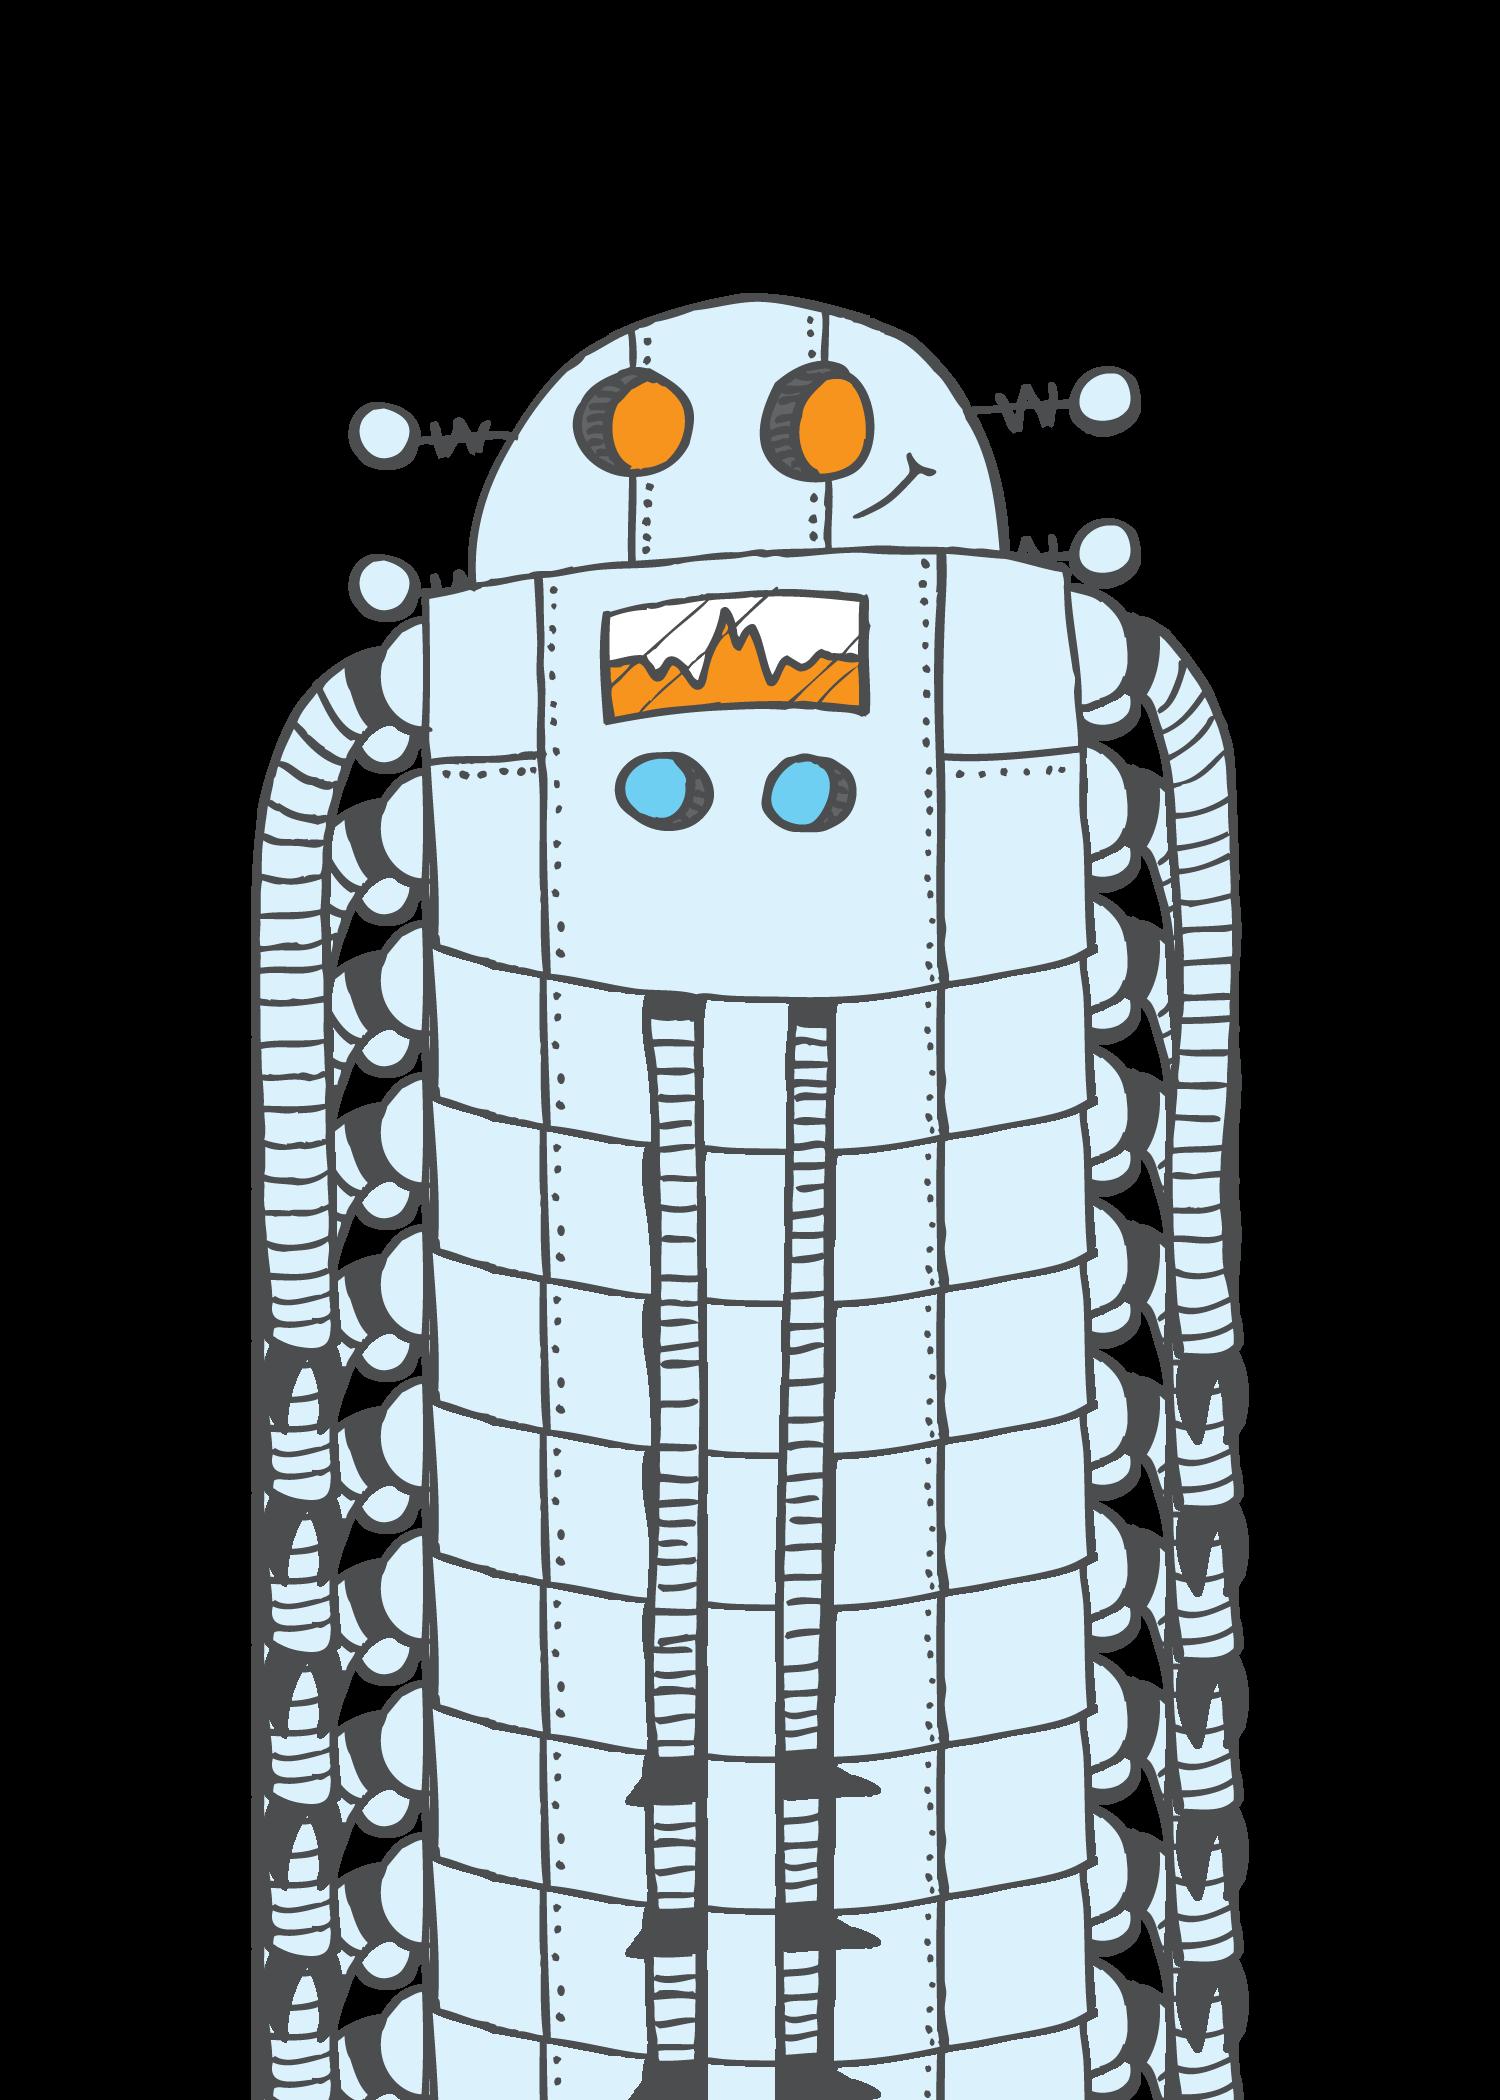 DGS_Robots-04